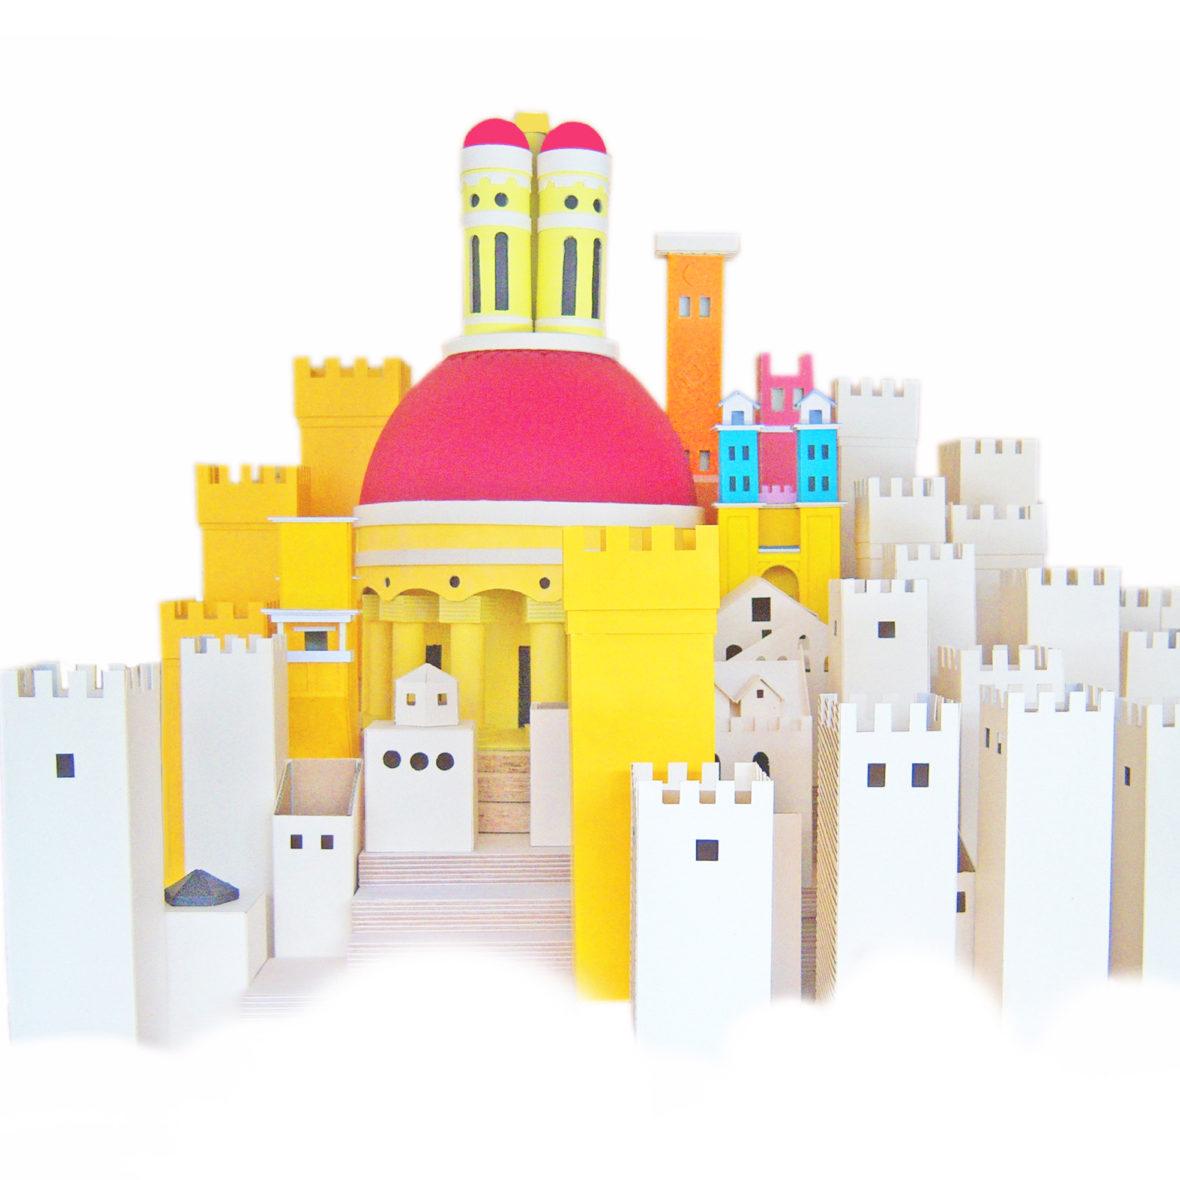 Kaikkihärkä, Jerusalemin temppeli